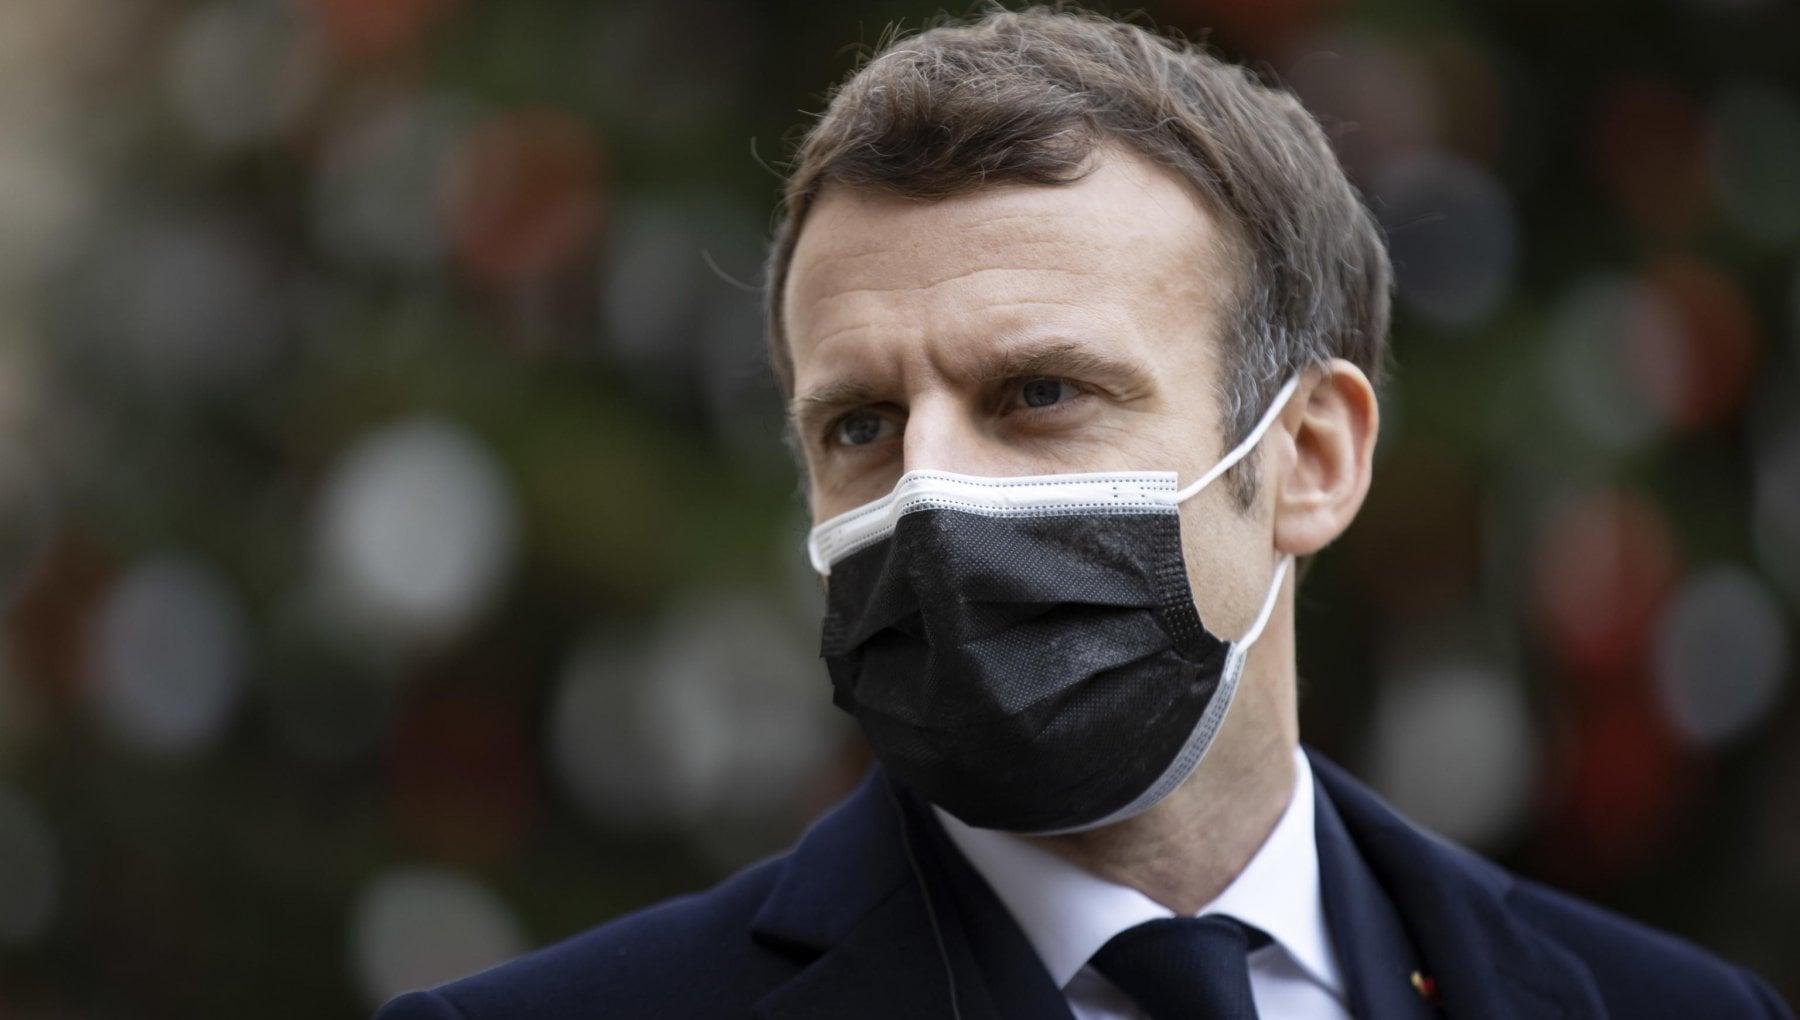 Francia il presidente Macron positivo al test Covid. LEliseo Svolgera il suo lavoro a distanza